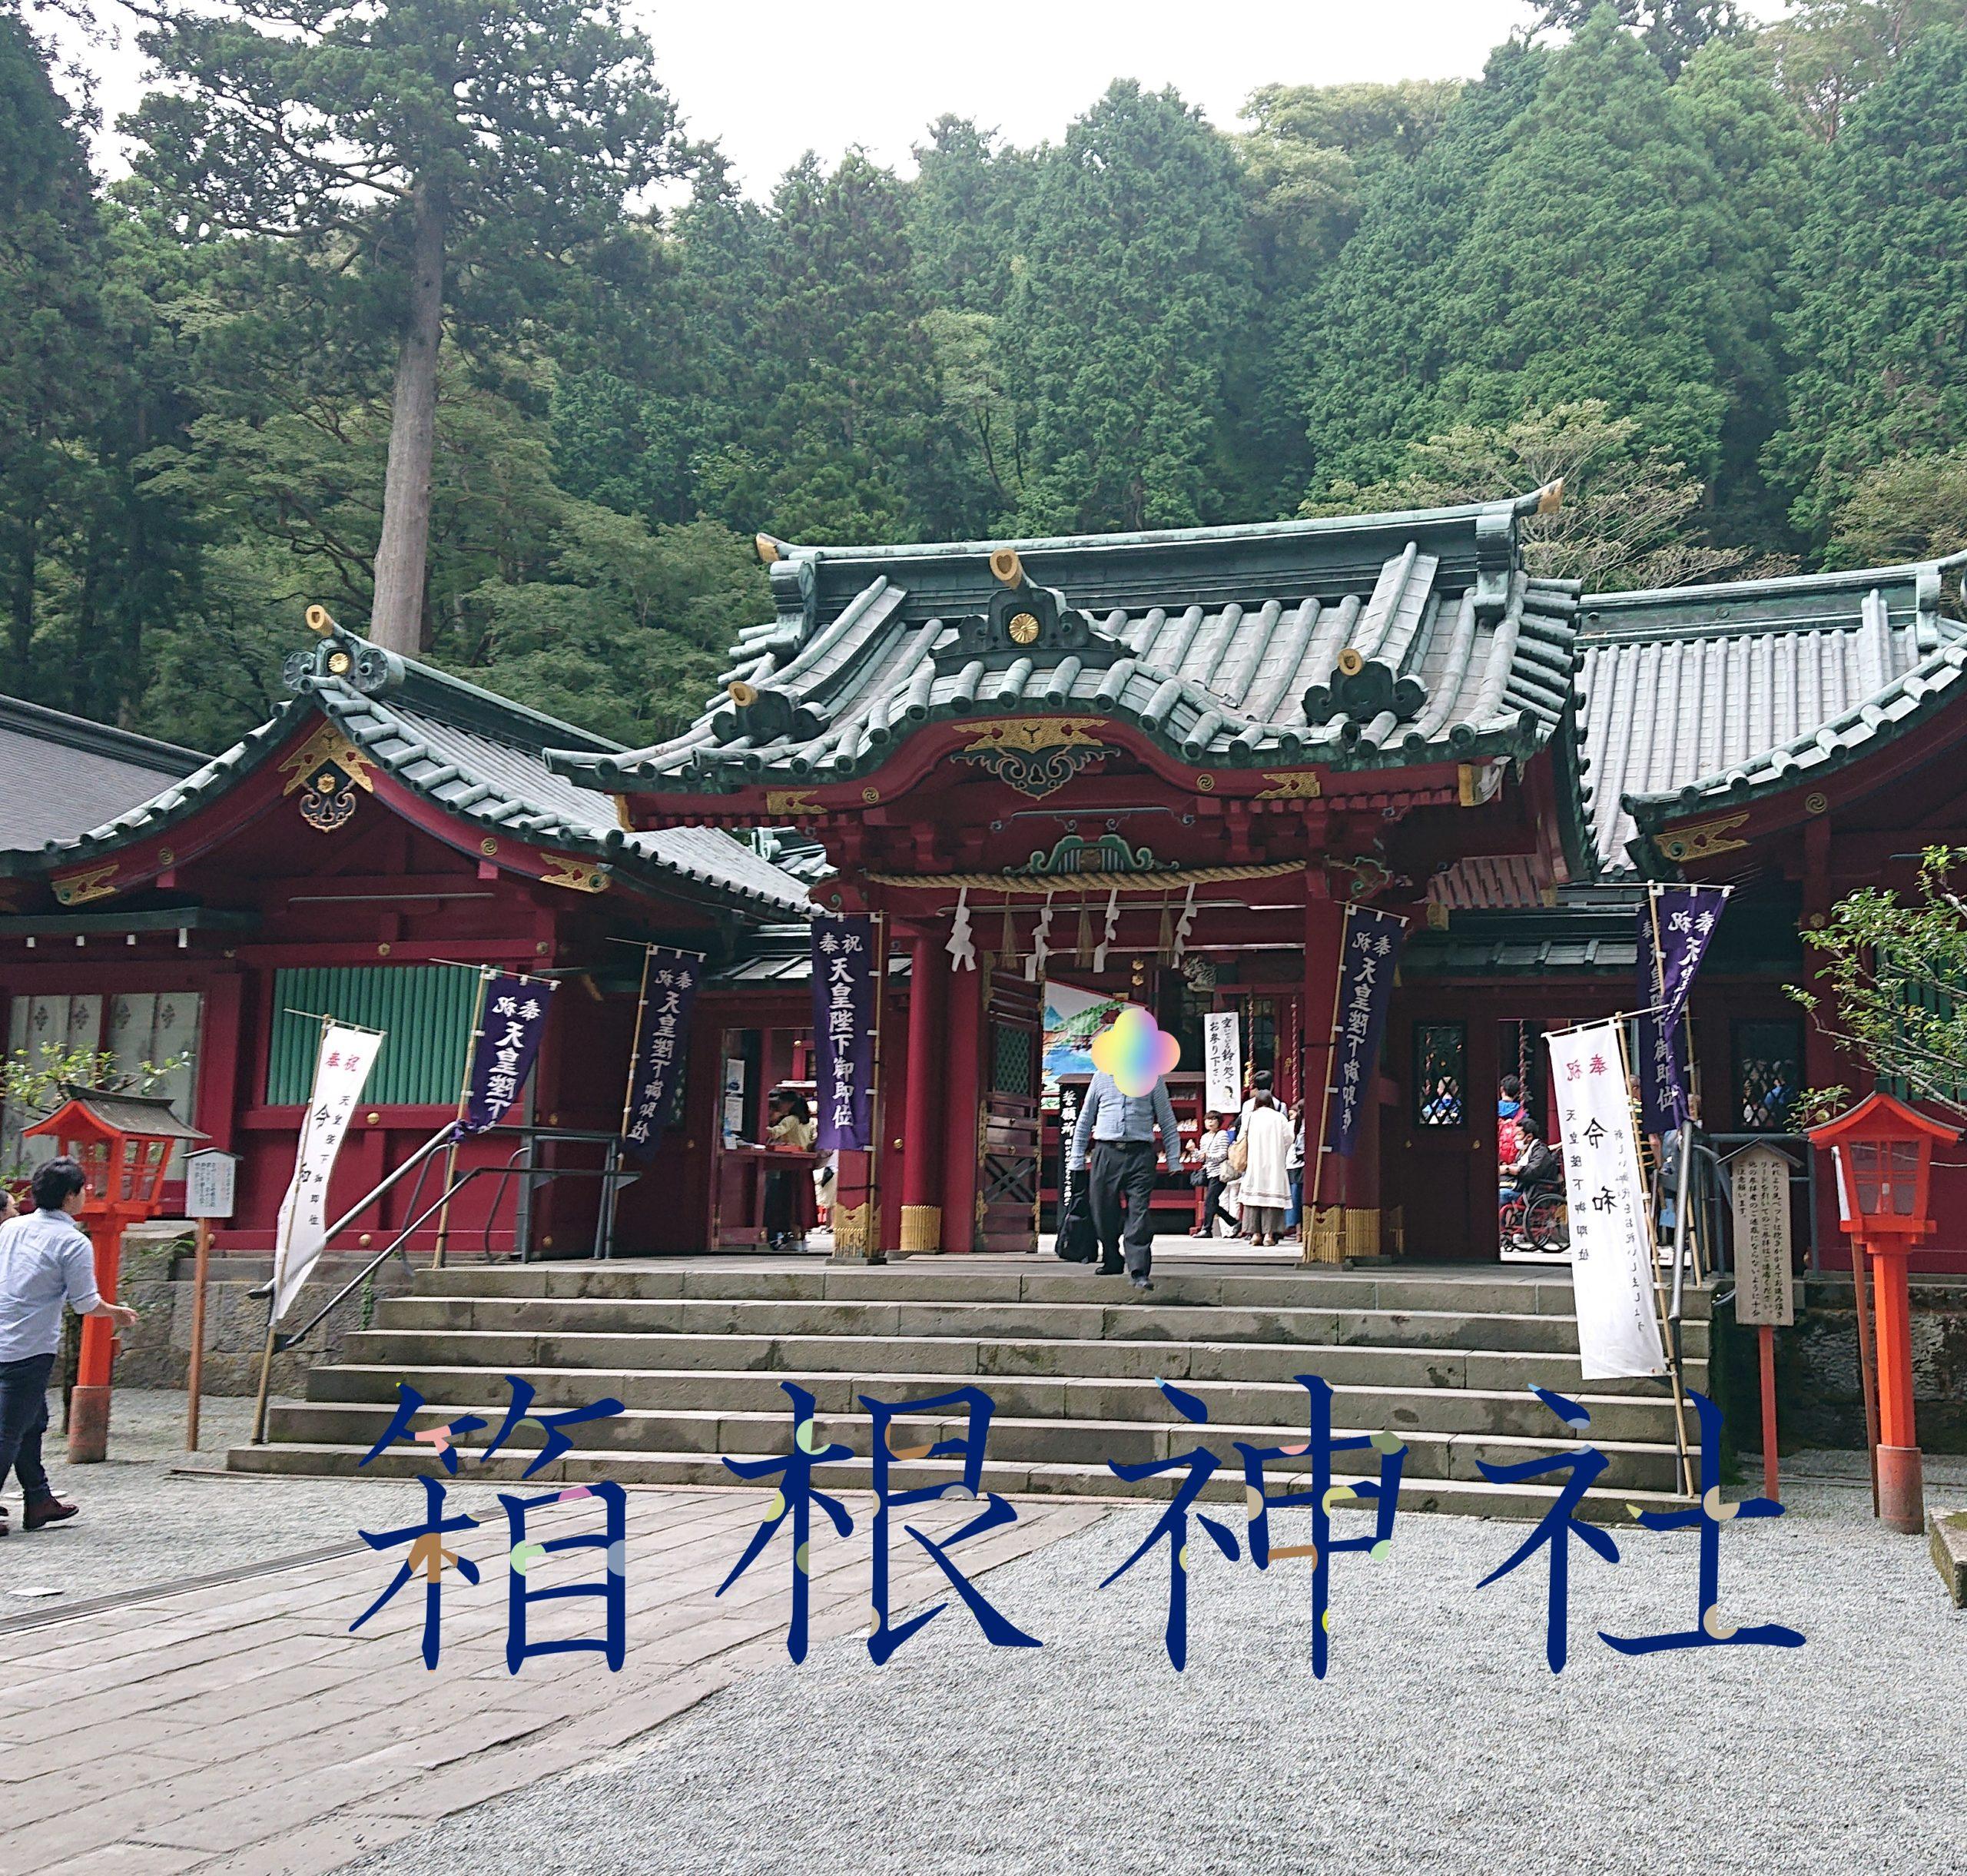 アラサー女子の私にはありがたい!?箱根神社、九頭龍神社のご利益!3